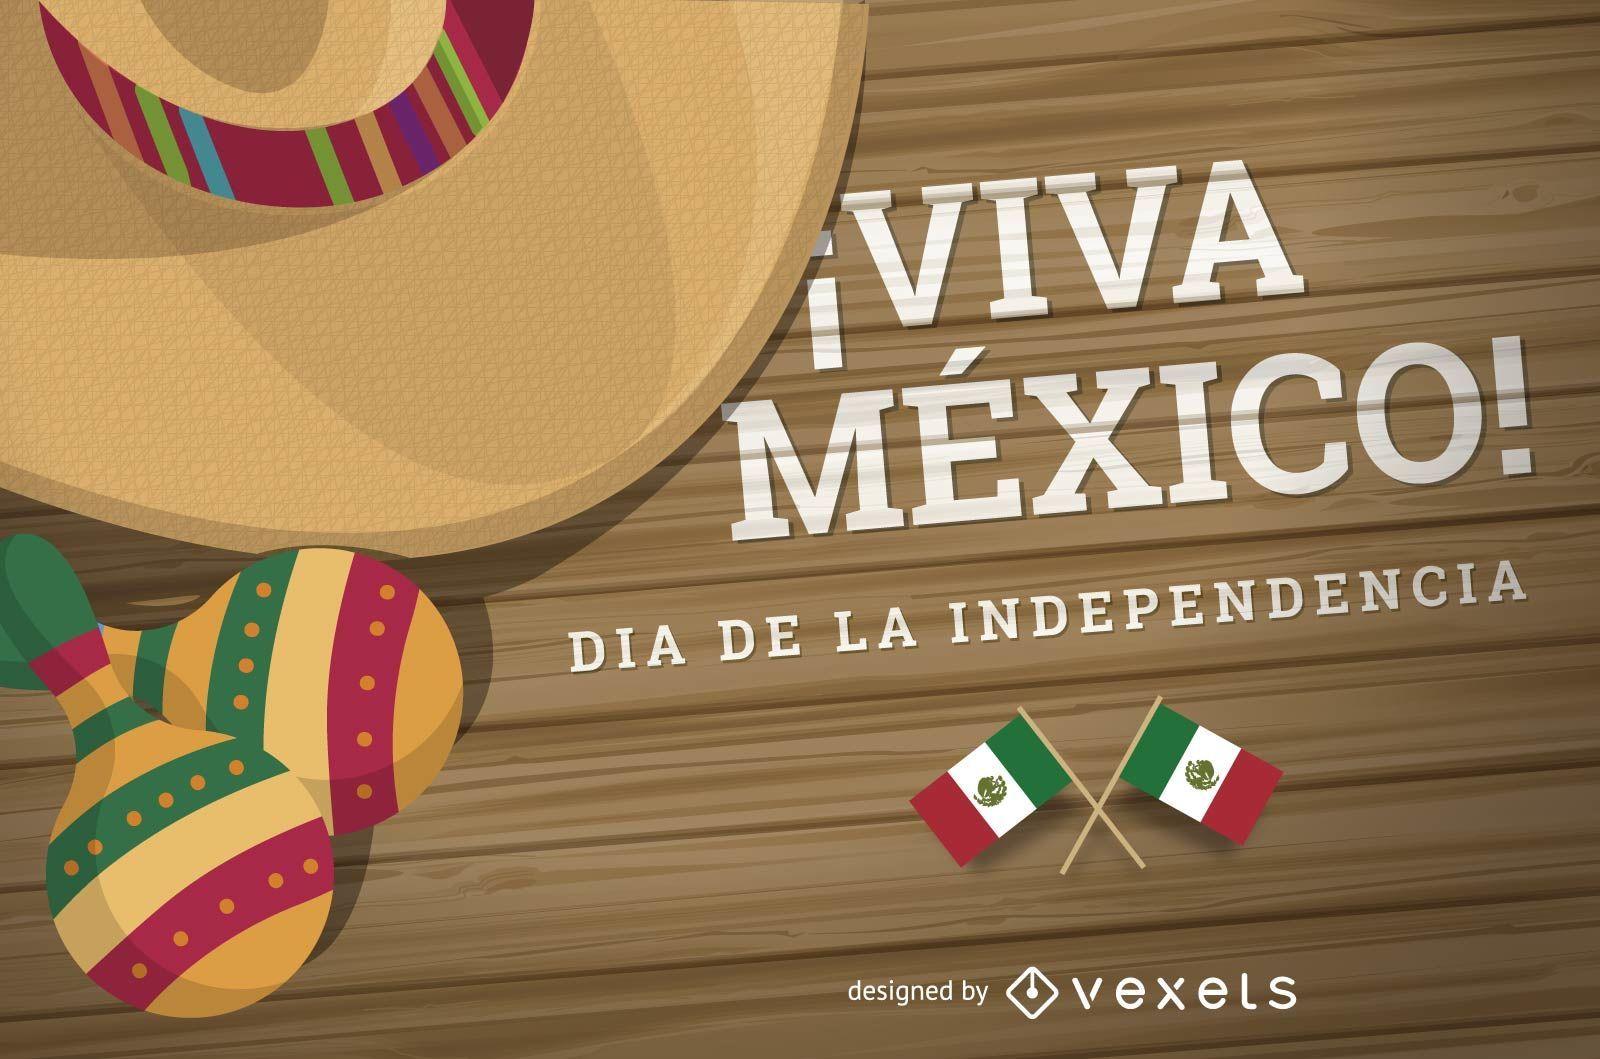 Diseño Dia de la Independencia Mexico